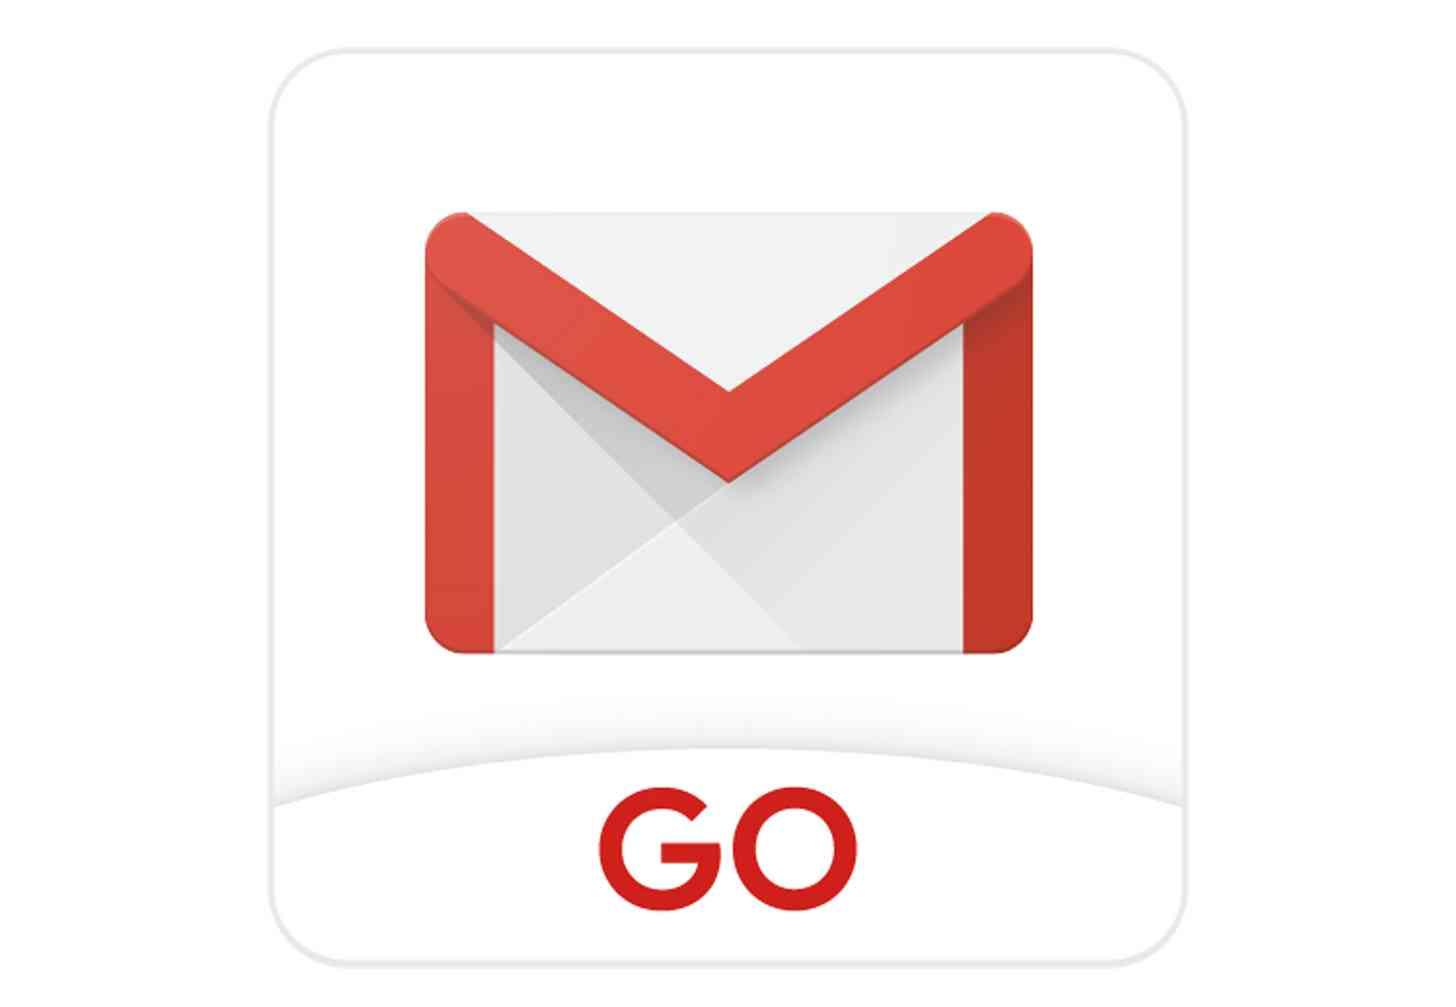 Gmail Go app icon